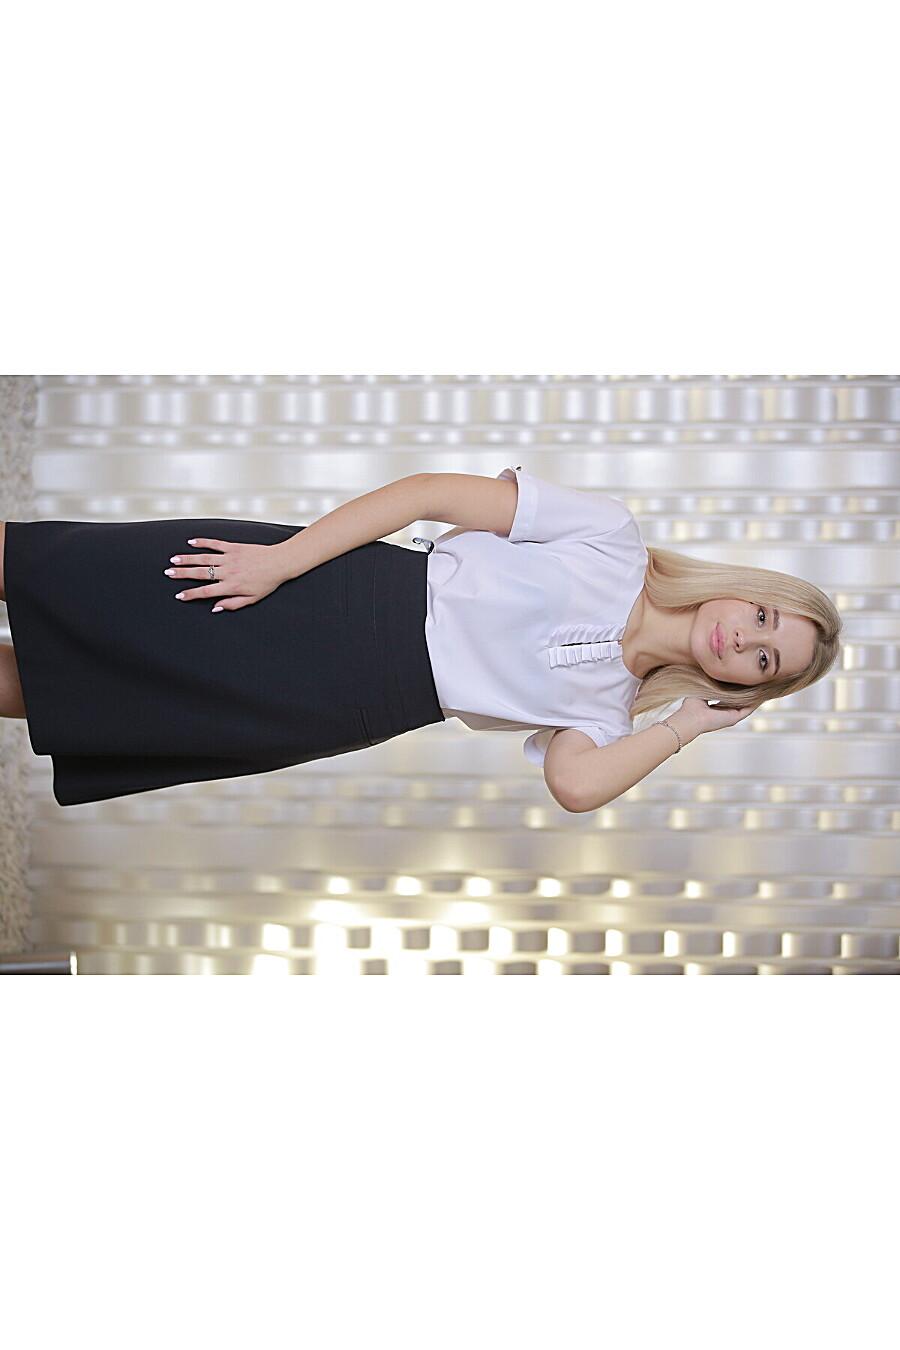 Юбка 0546з для женщин НАТАЛИ 649331 купить оптом от производителя. Совместная покупка женской одежды в OptMoyo